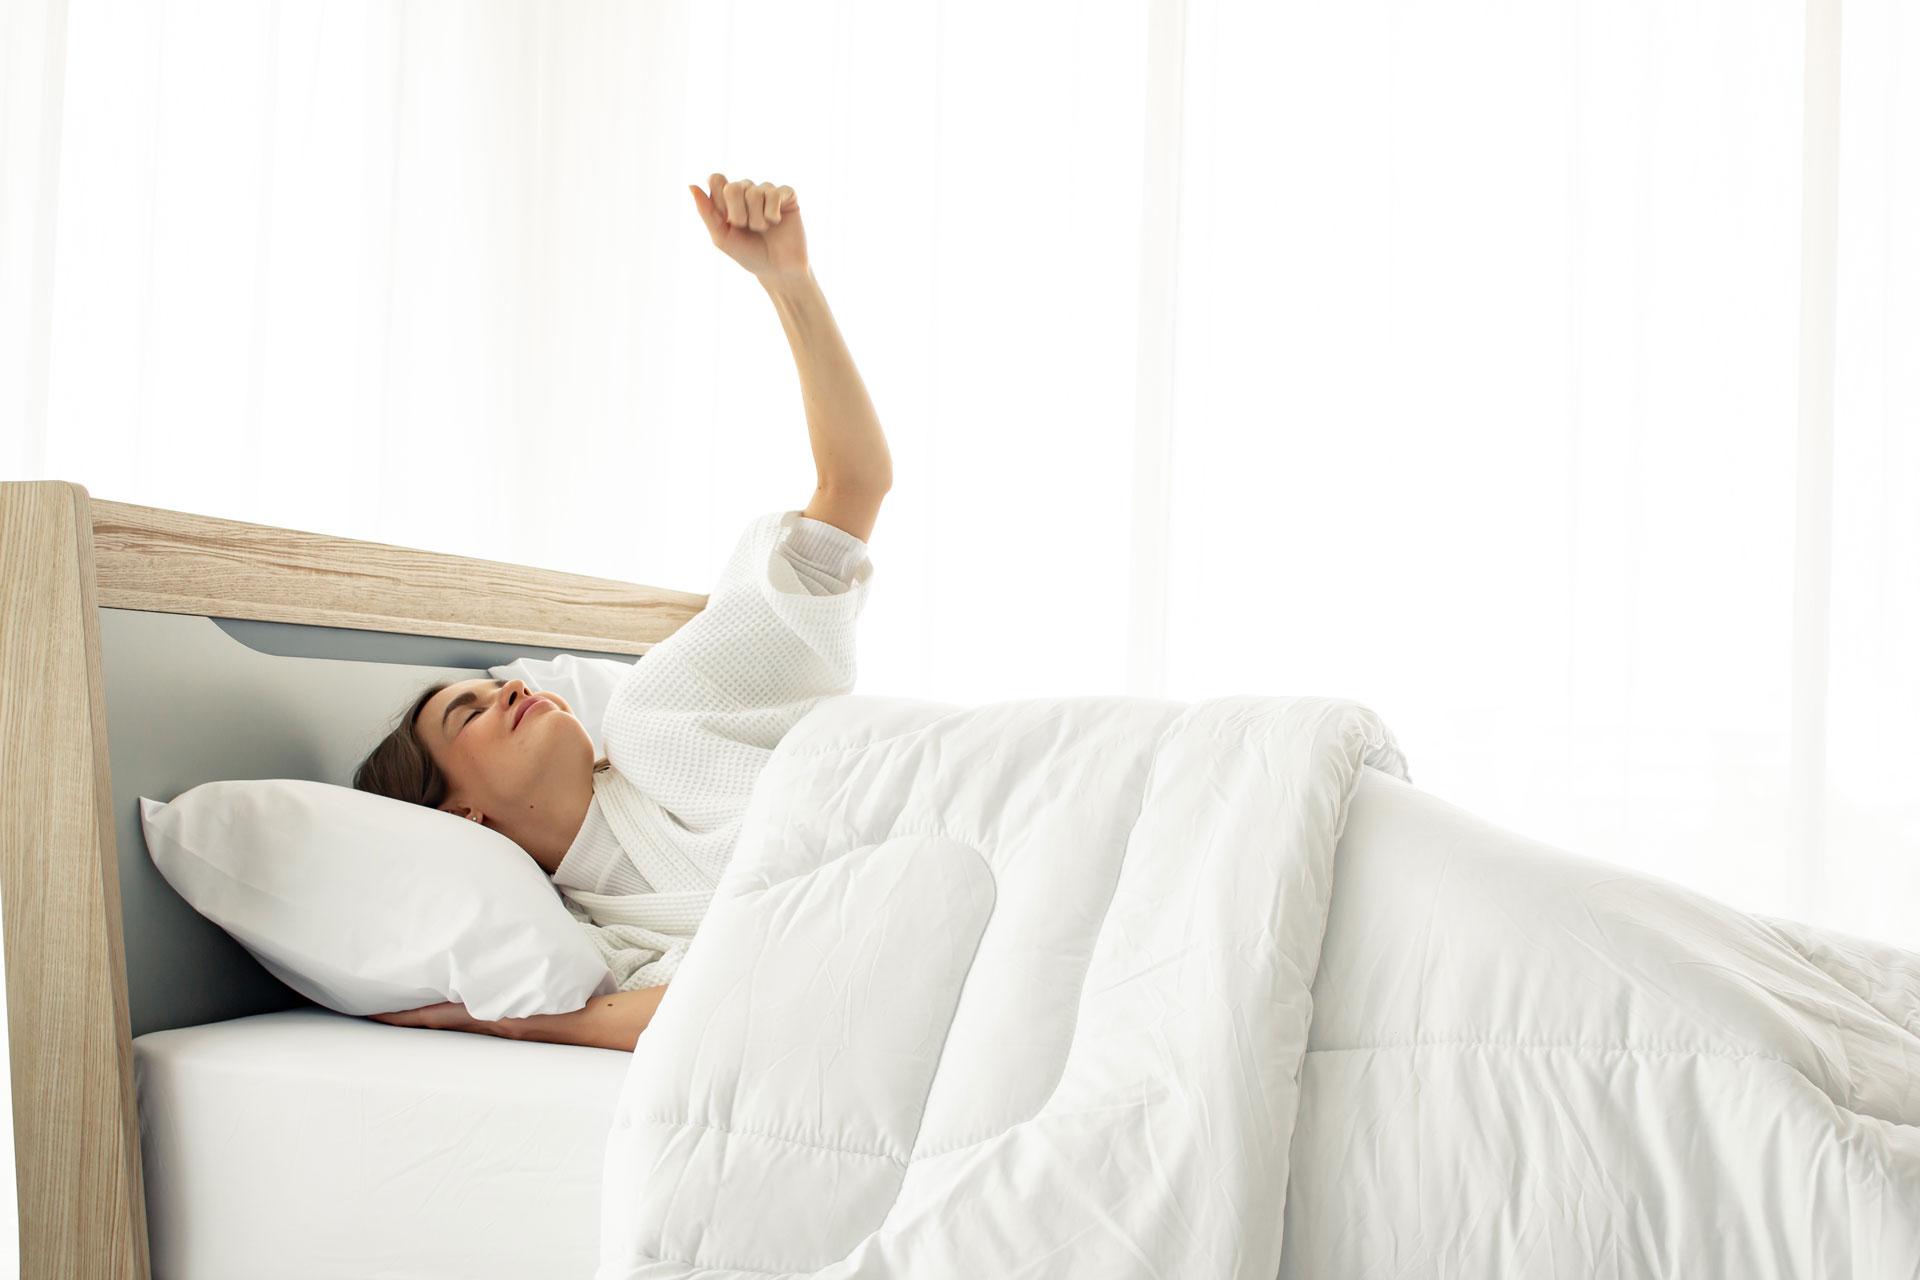 Kvalitetniji san spavanja na Timflex dusecima